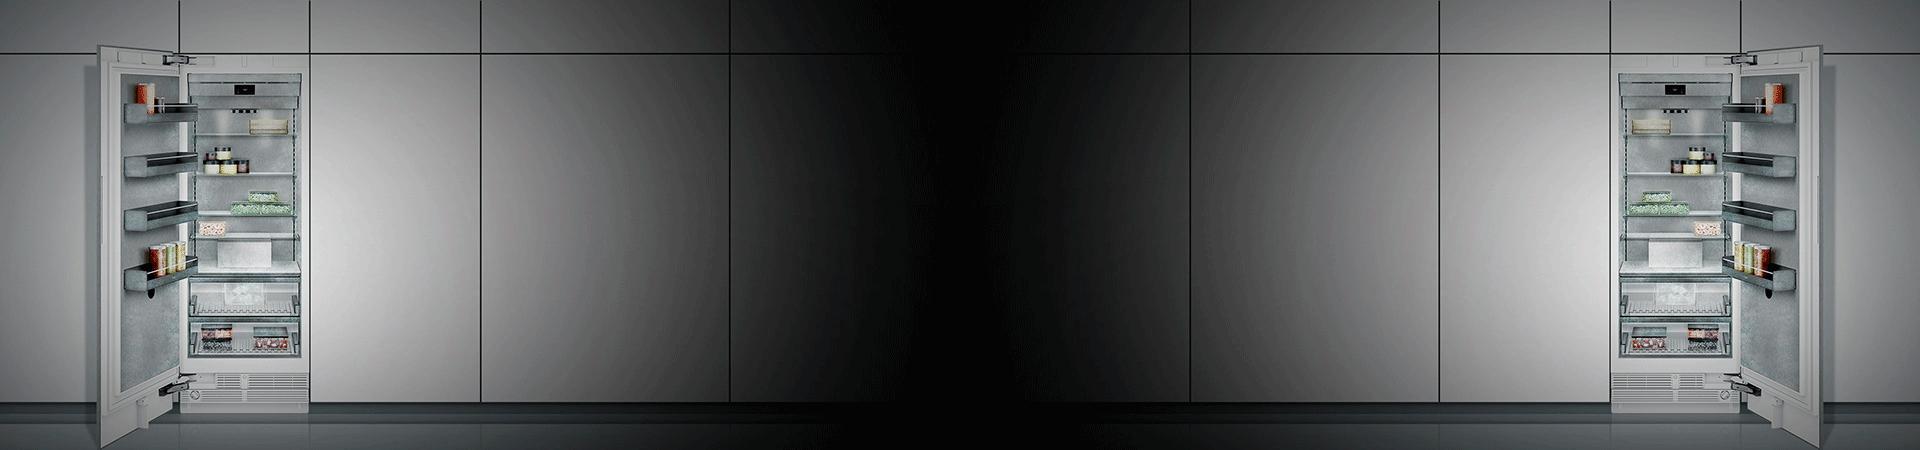 מקפיא GAGGENAU דגם 304 RF 471